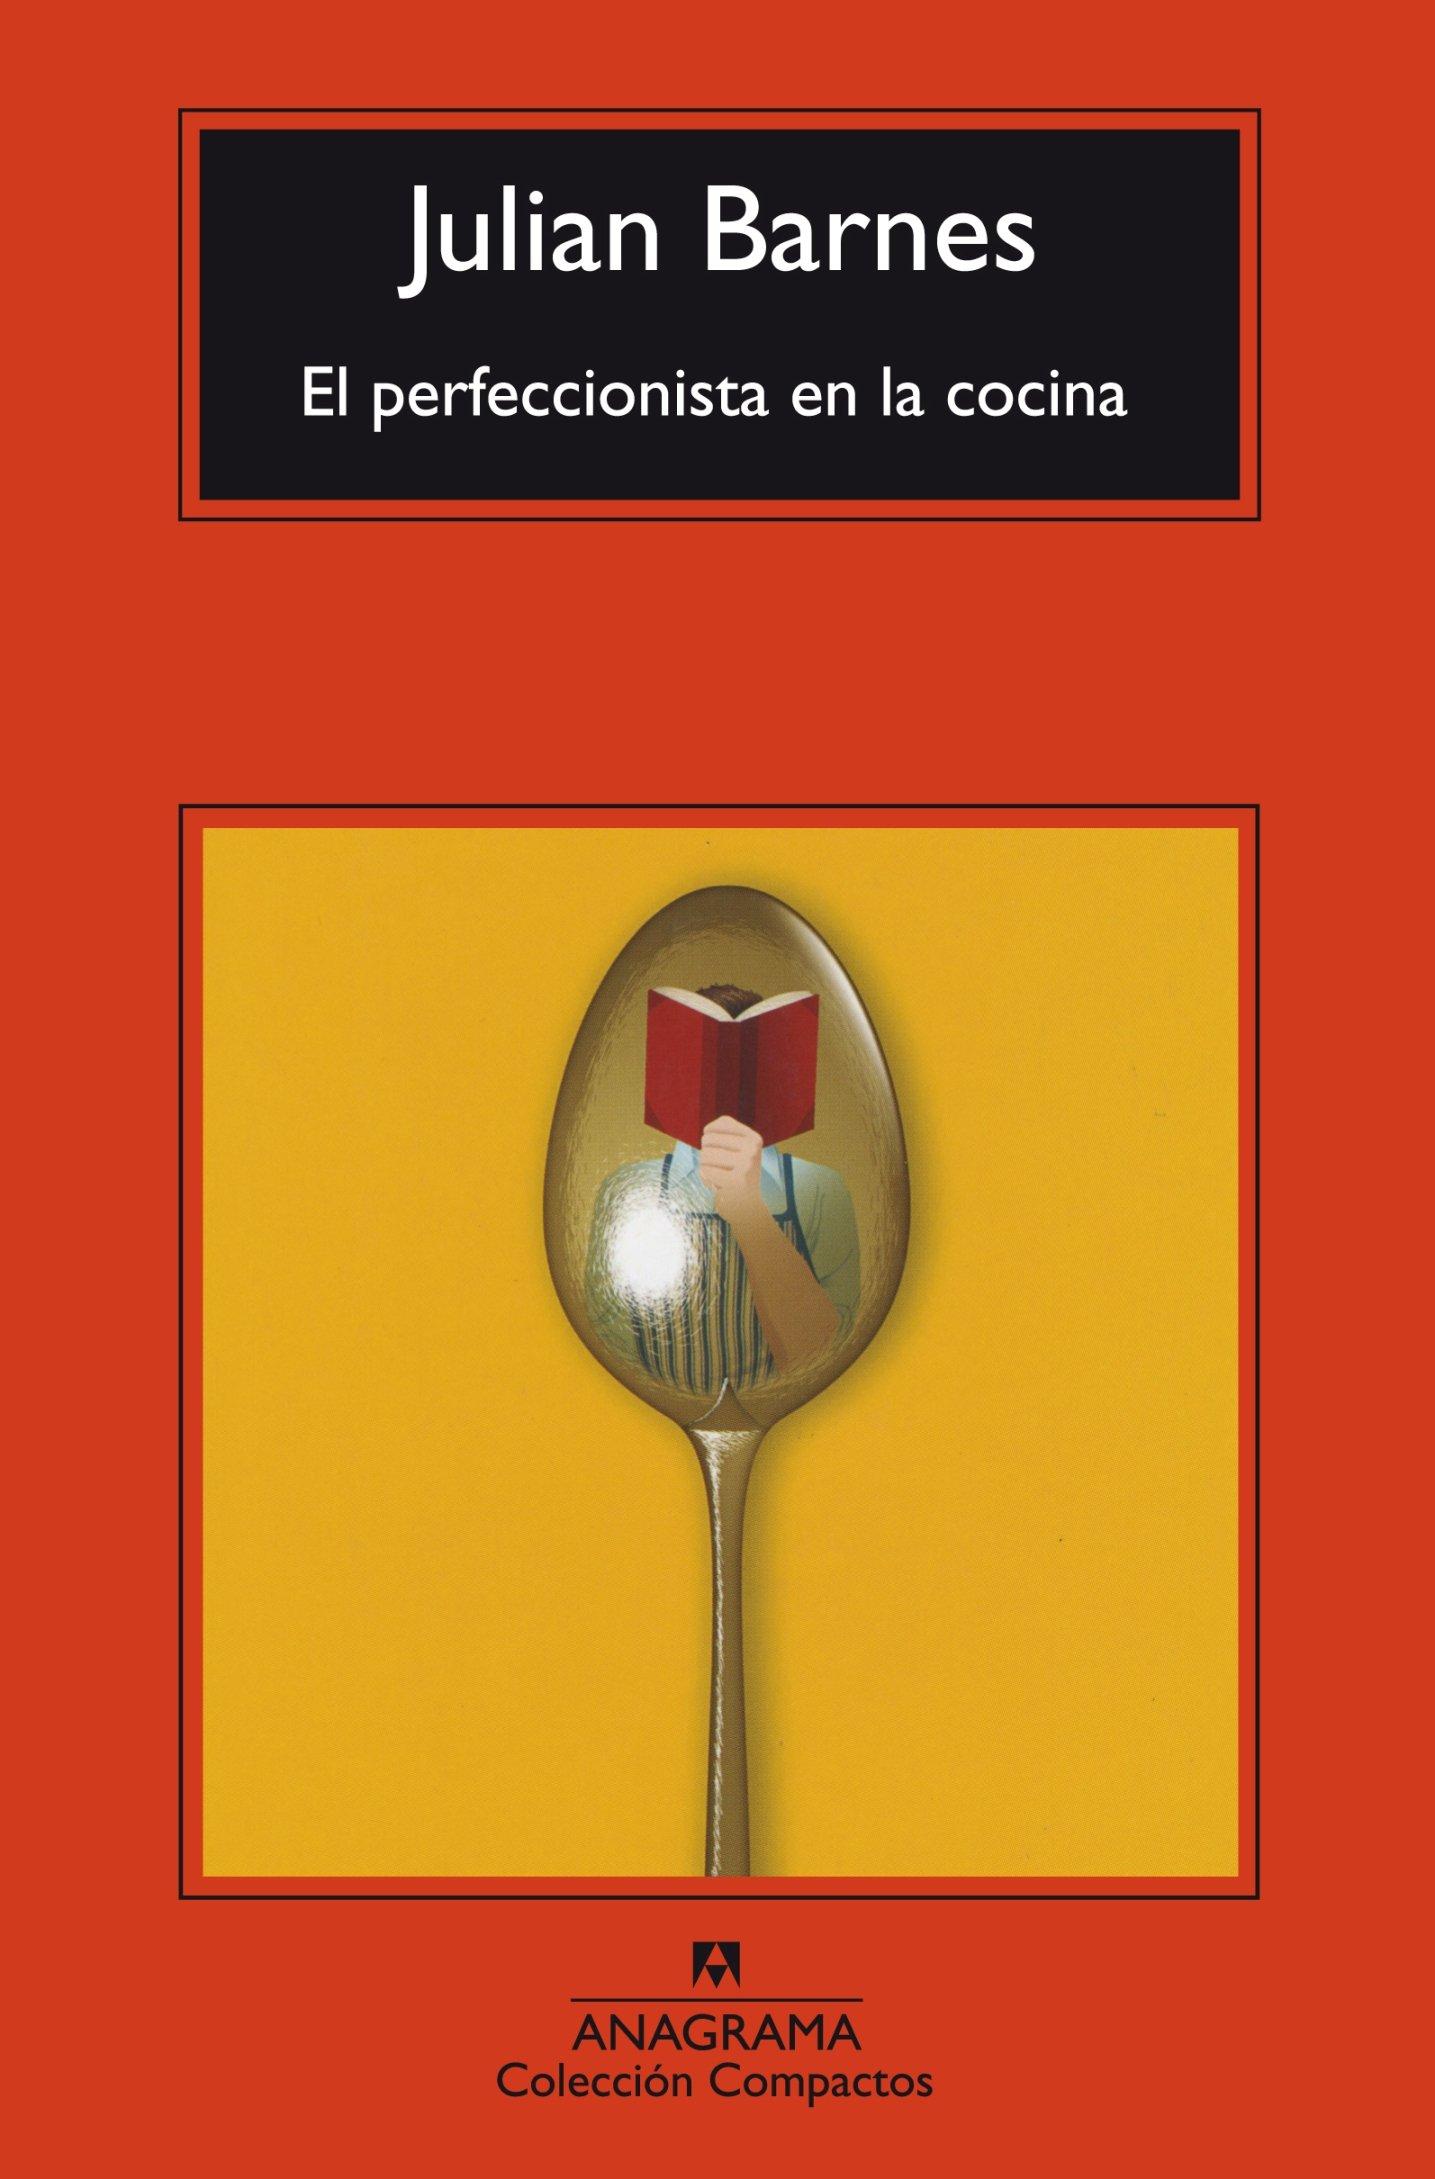 El perfeccionista en la cocina (Spanish Edition) (Spanish) Paperback – April 30, 2015